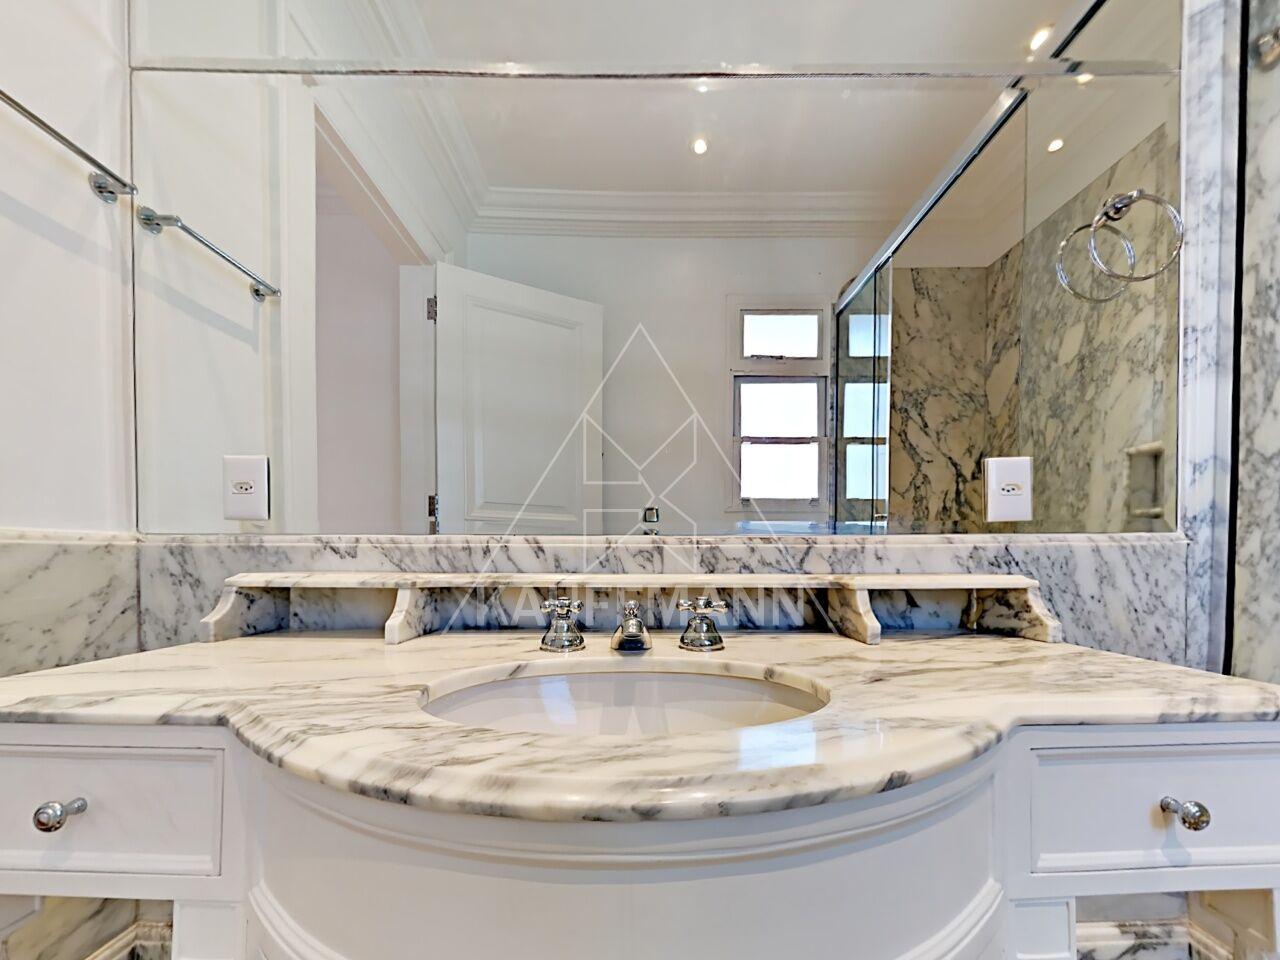 apartamento-venda-sao-paulo-jardim-america-regency-6dormitorios-6suites-7vagas-1099m2-Foto15